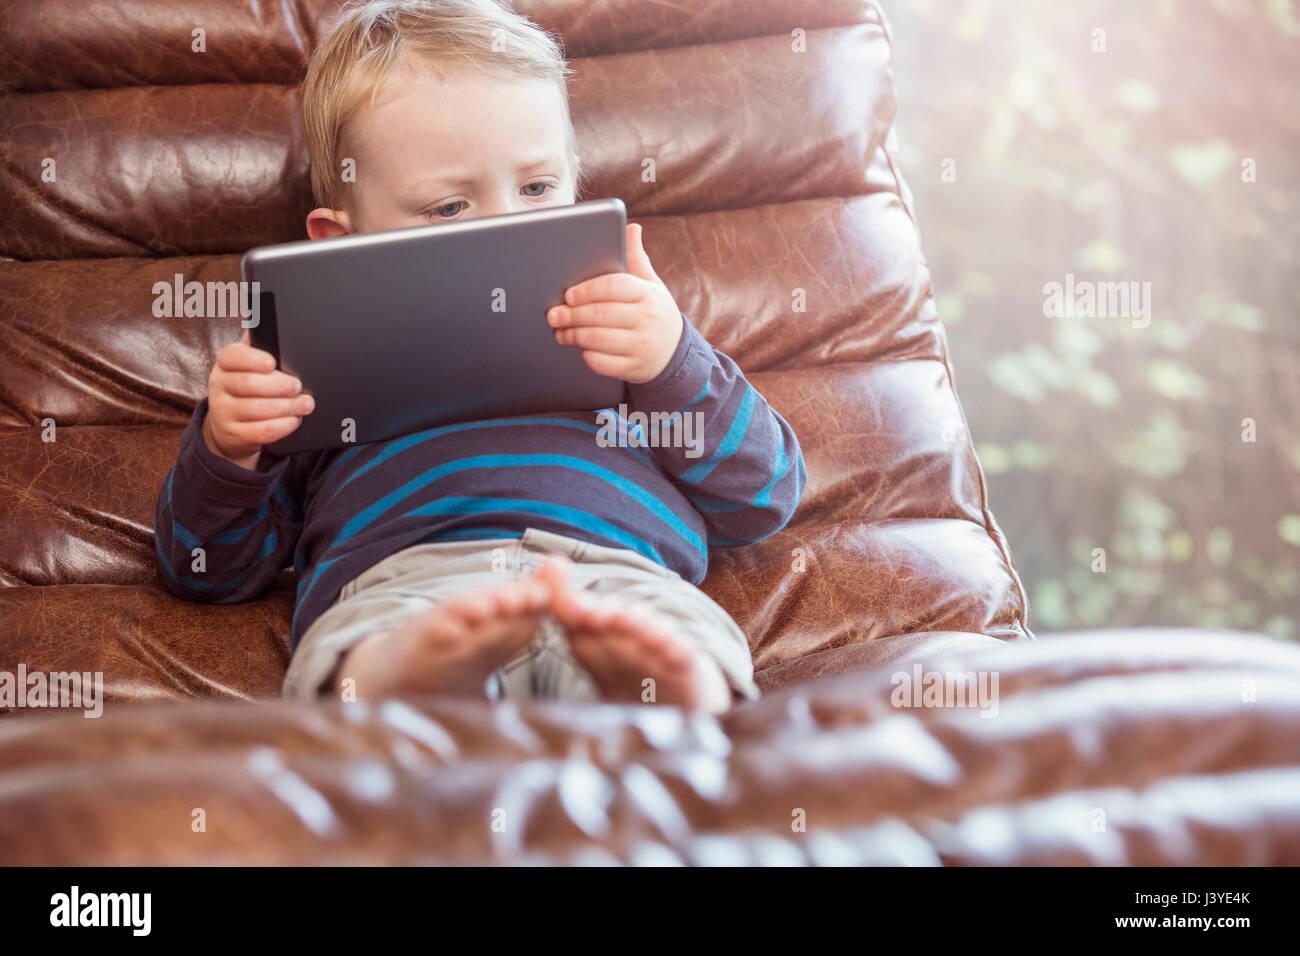 Kleinkind Jungen liegend auf Stuhl Blick auf tablet Stockbild